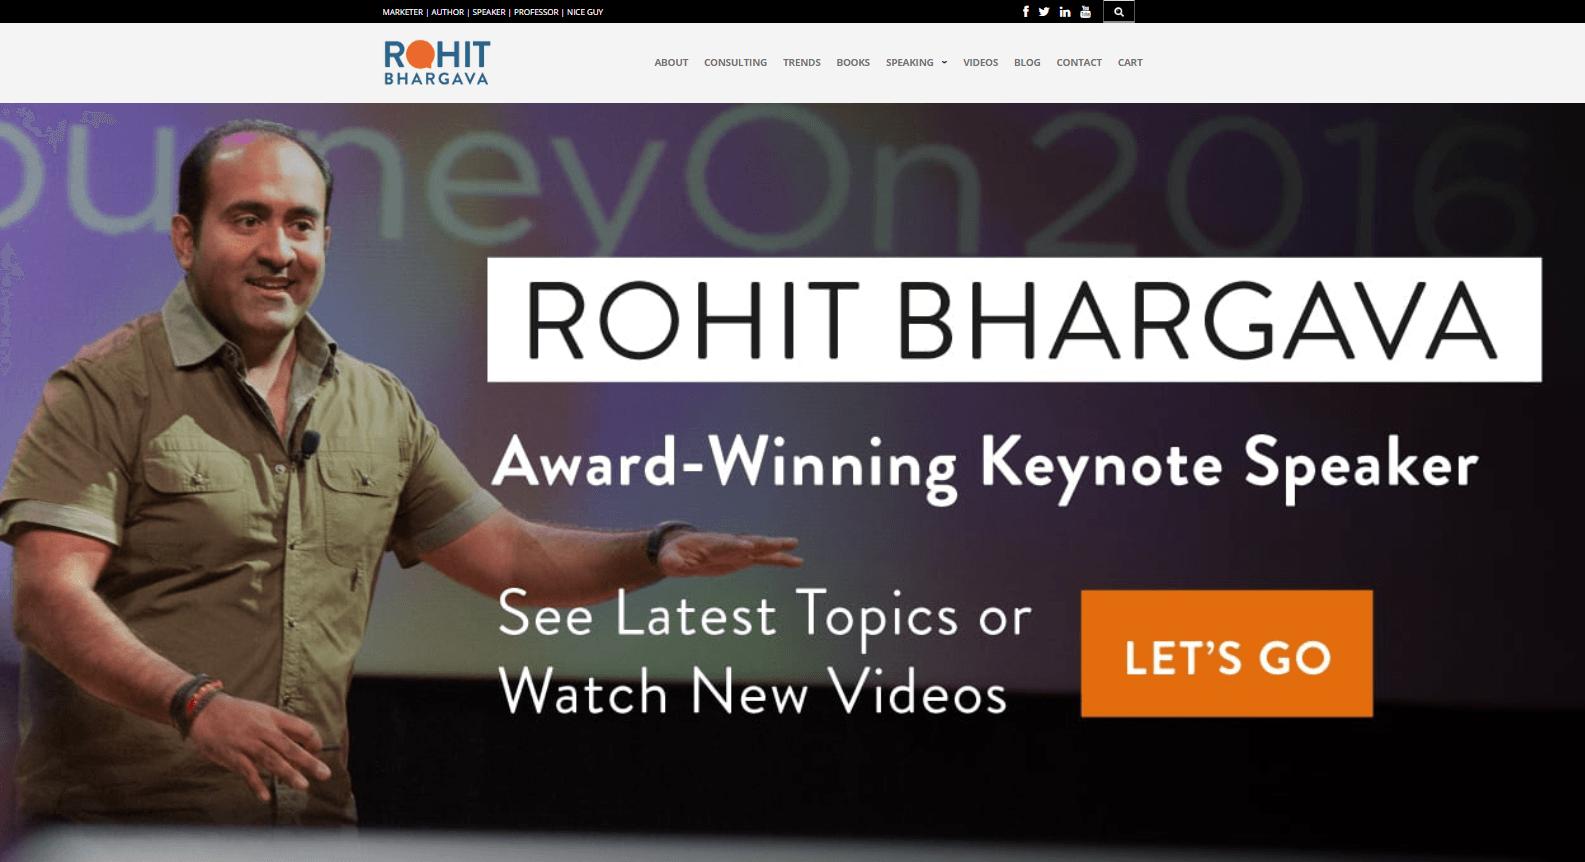 rohit bhargava web - roiting